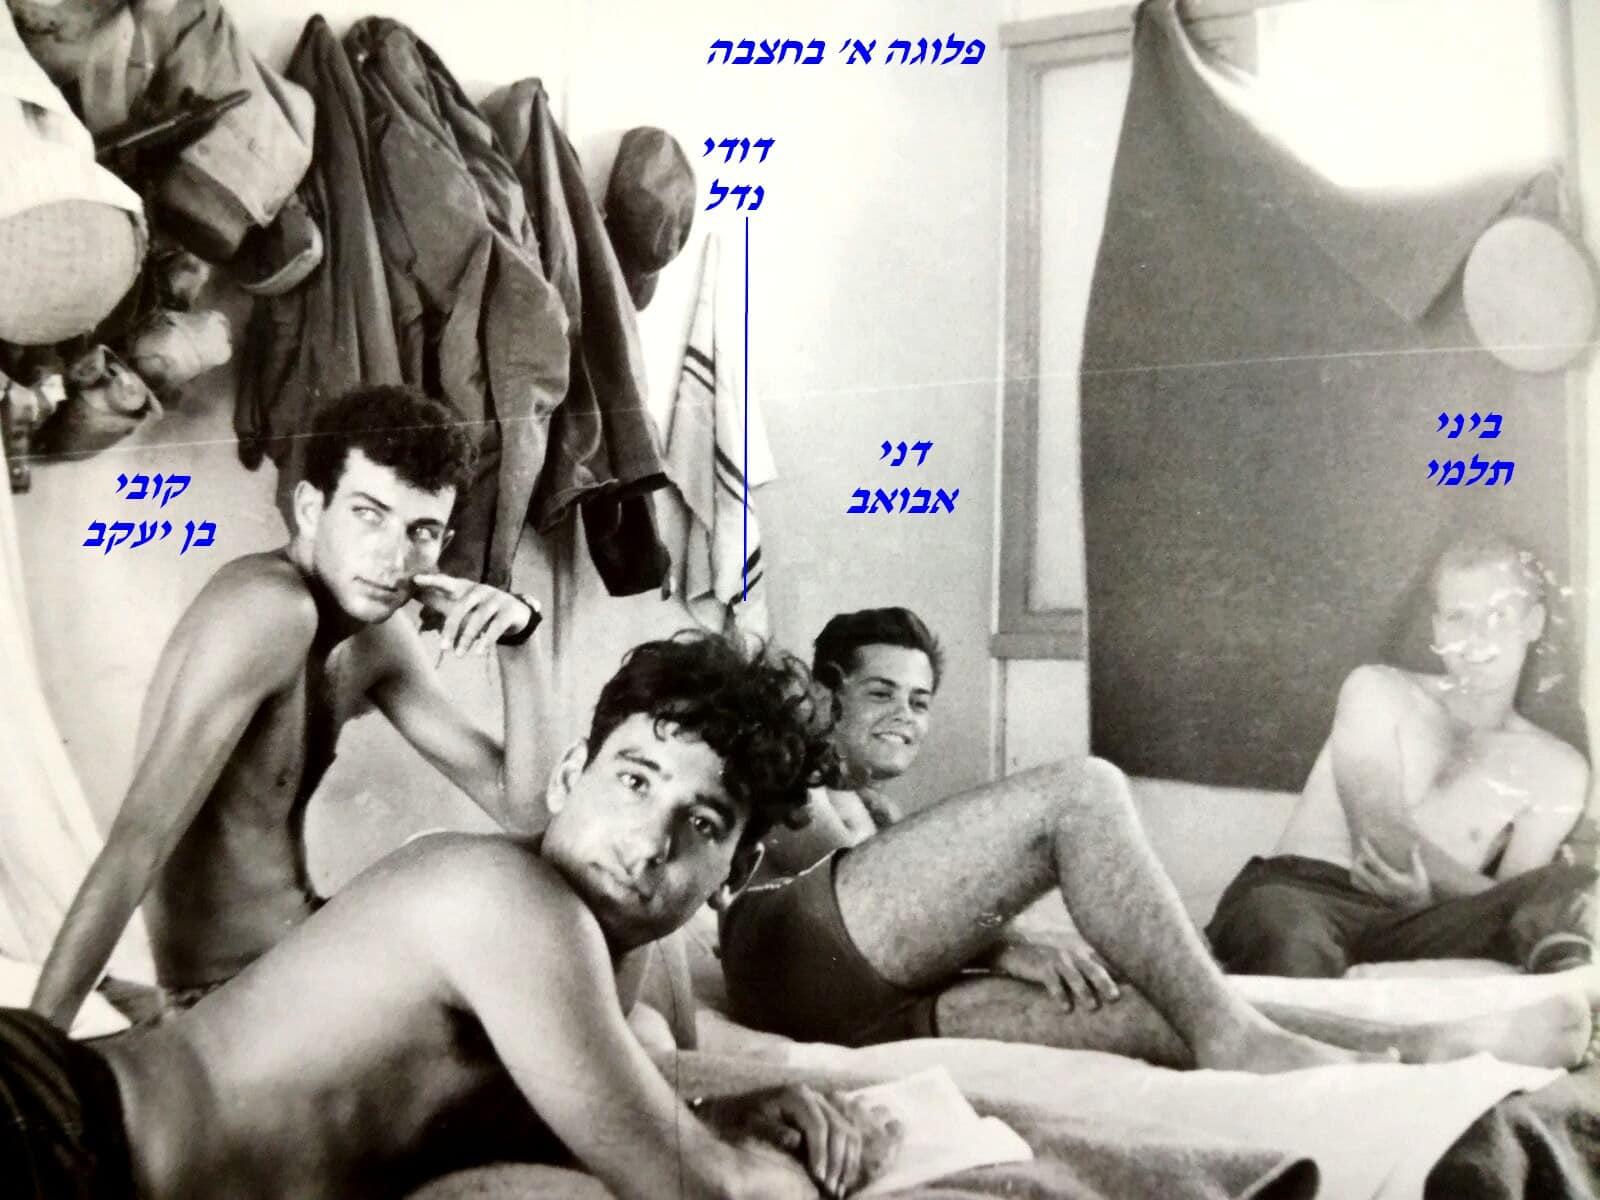 תלמי דני אבואב דודי נדל קובי בן יעקב פלוגה א בחצבה